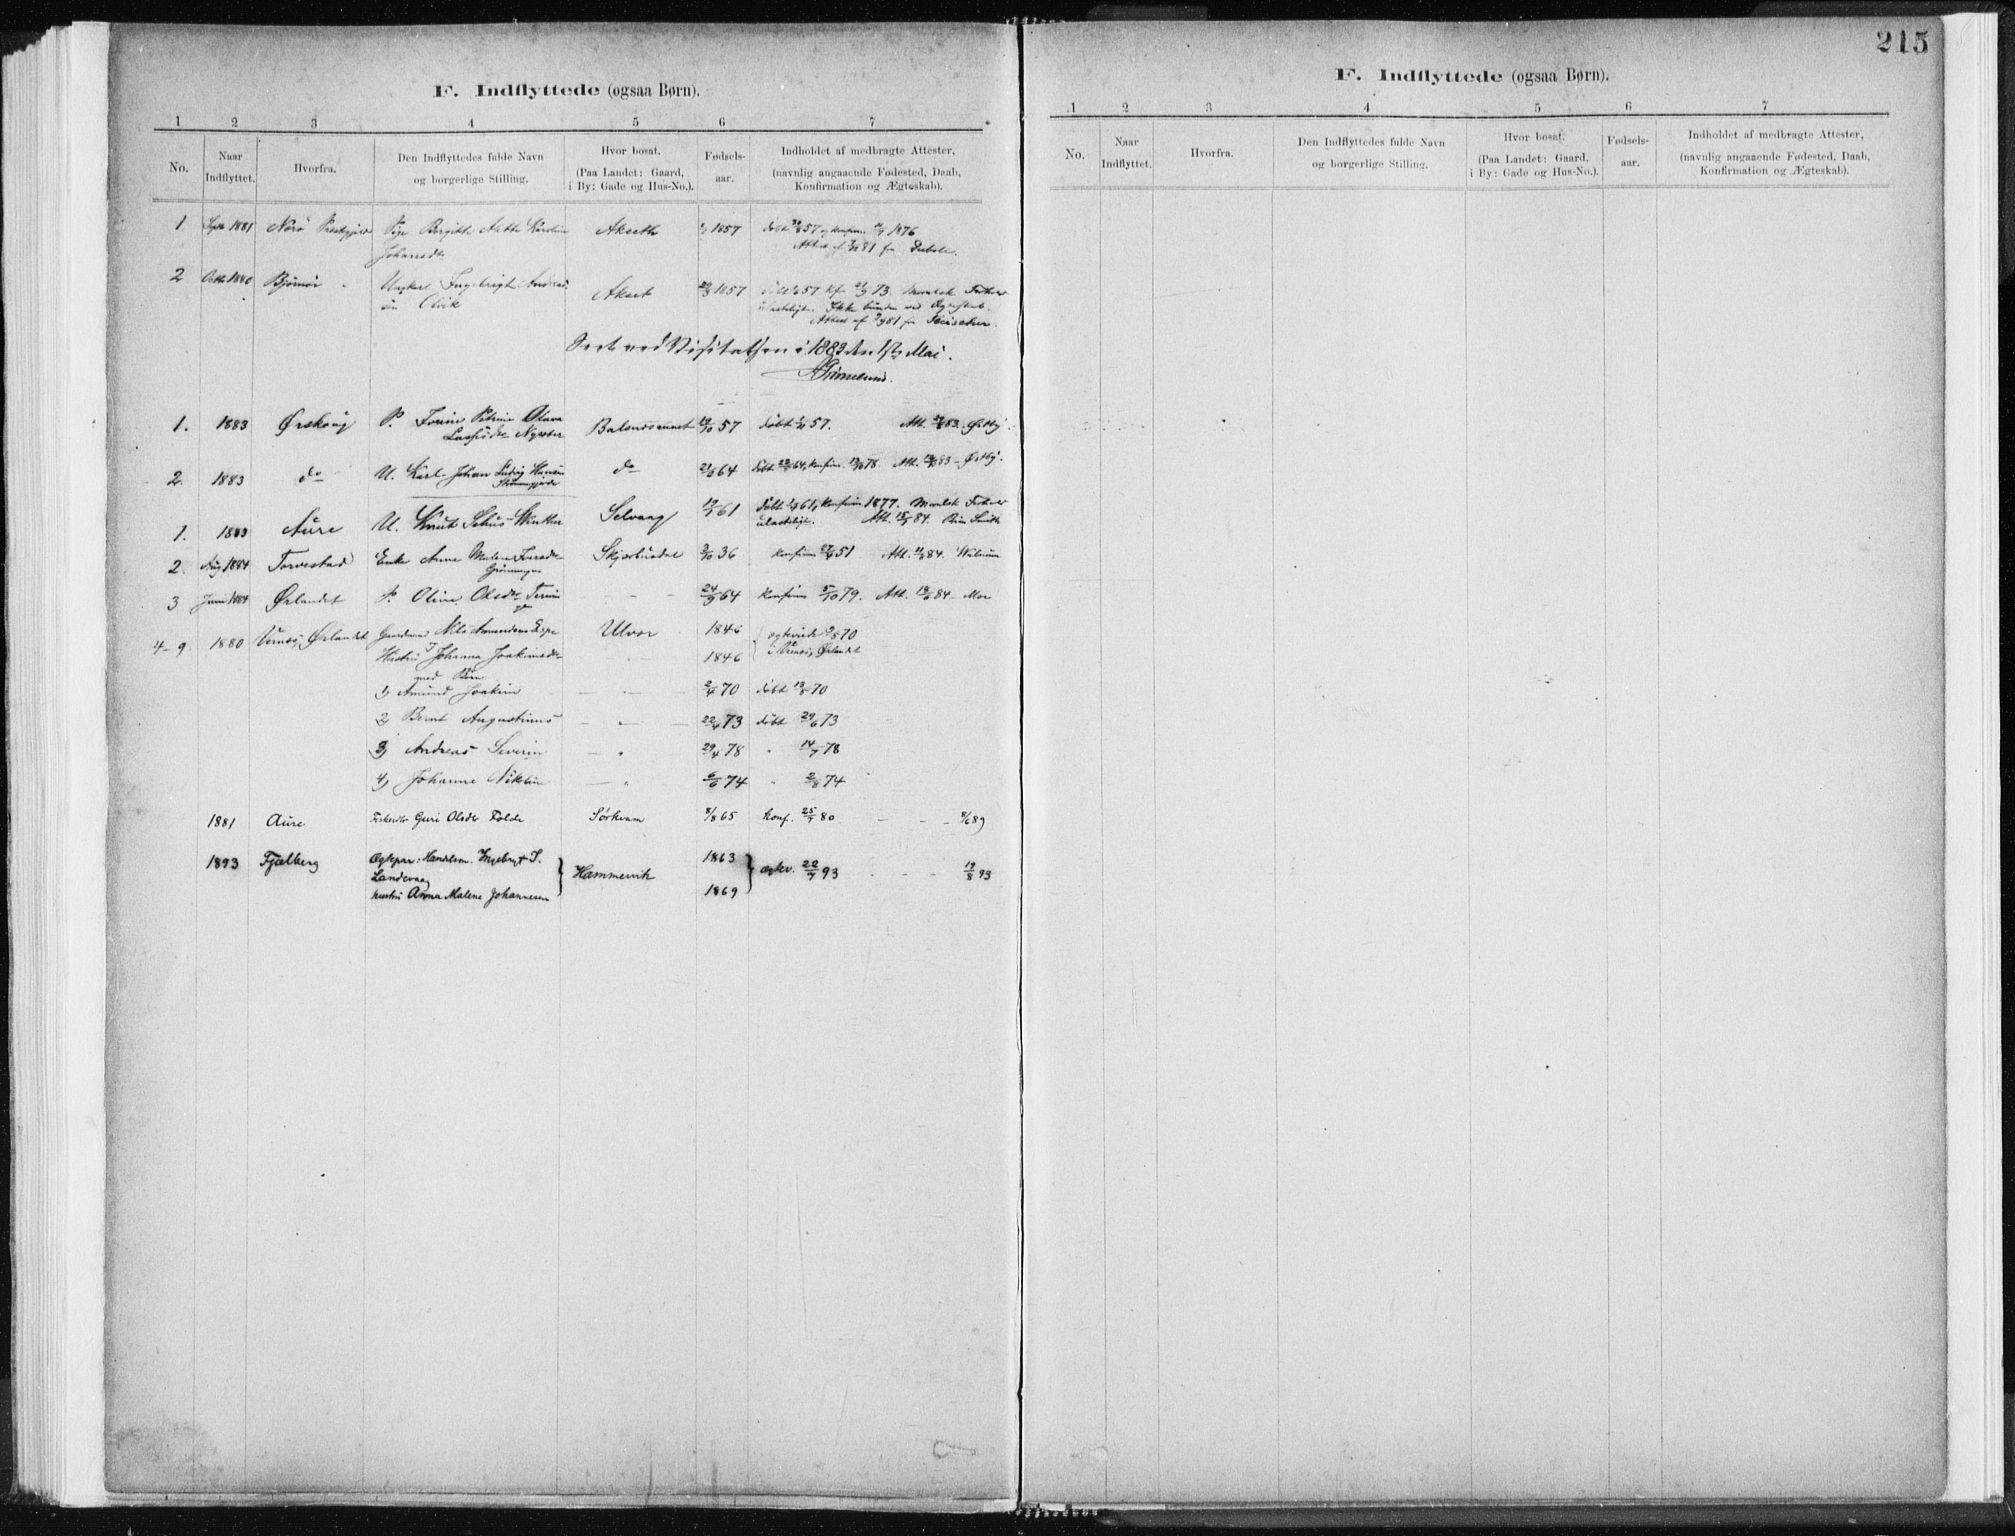 SAT, Ministerialprotokoller, klokkerbøker og fødselsregistre - Sør-Trøndelag, 637/L0558: Ministerialbok nr. 637A01, 1882-1899, s. 215